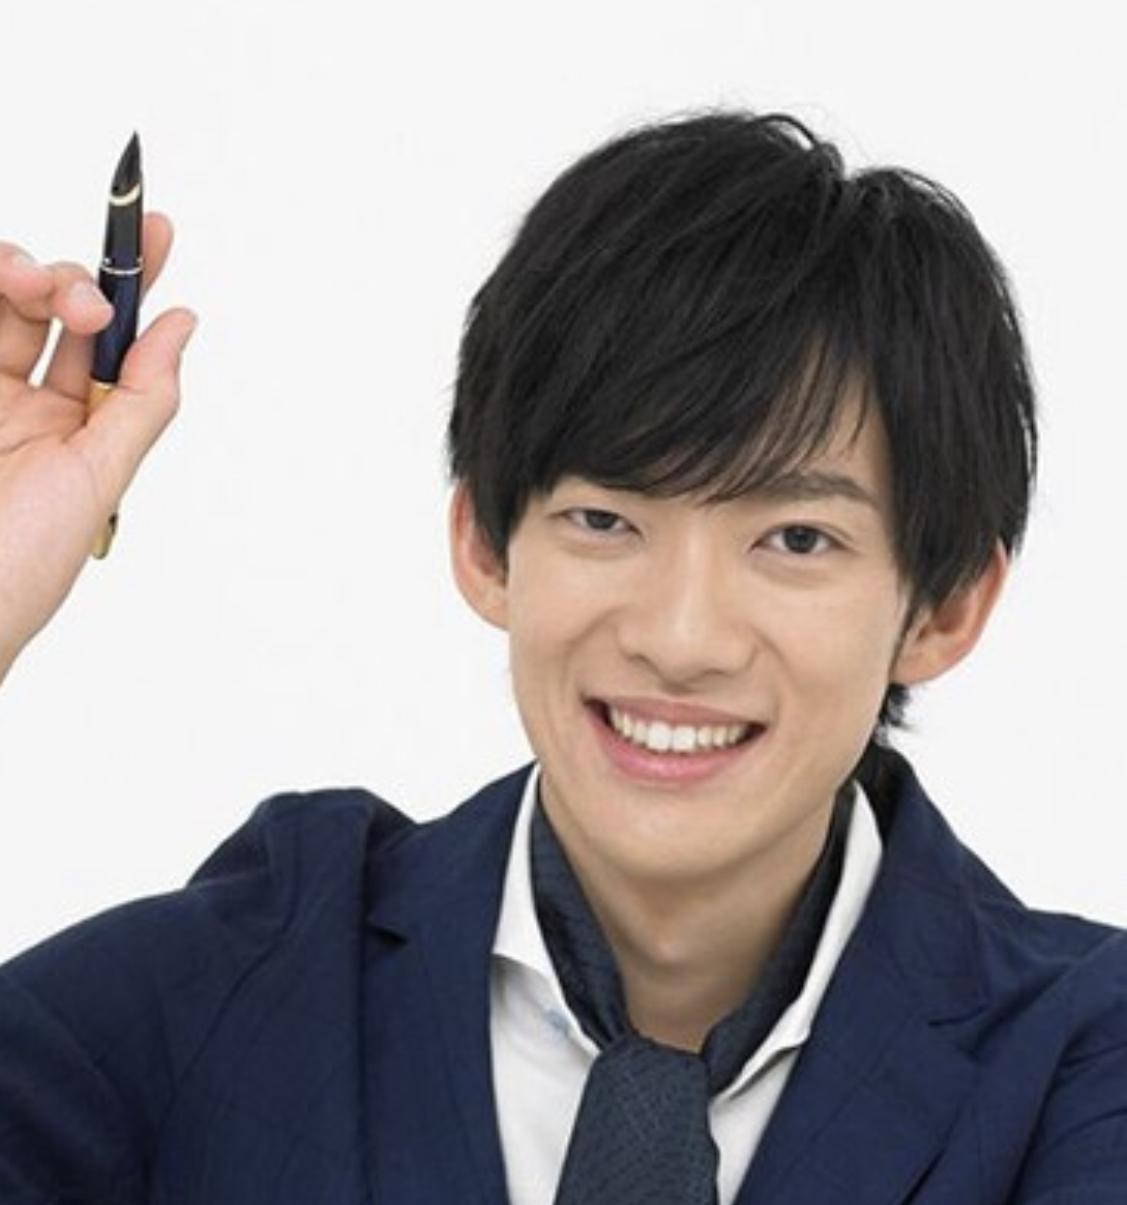 065受験メンタリズム daigo 勉強法について ...